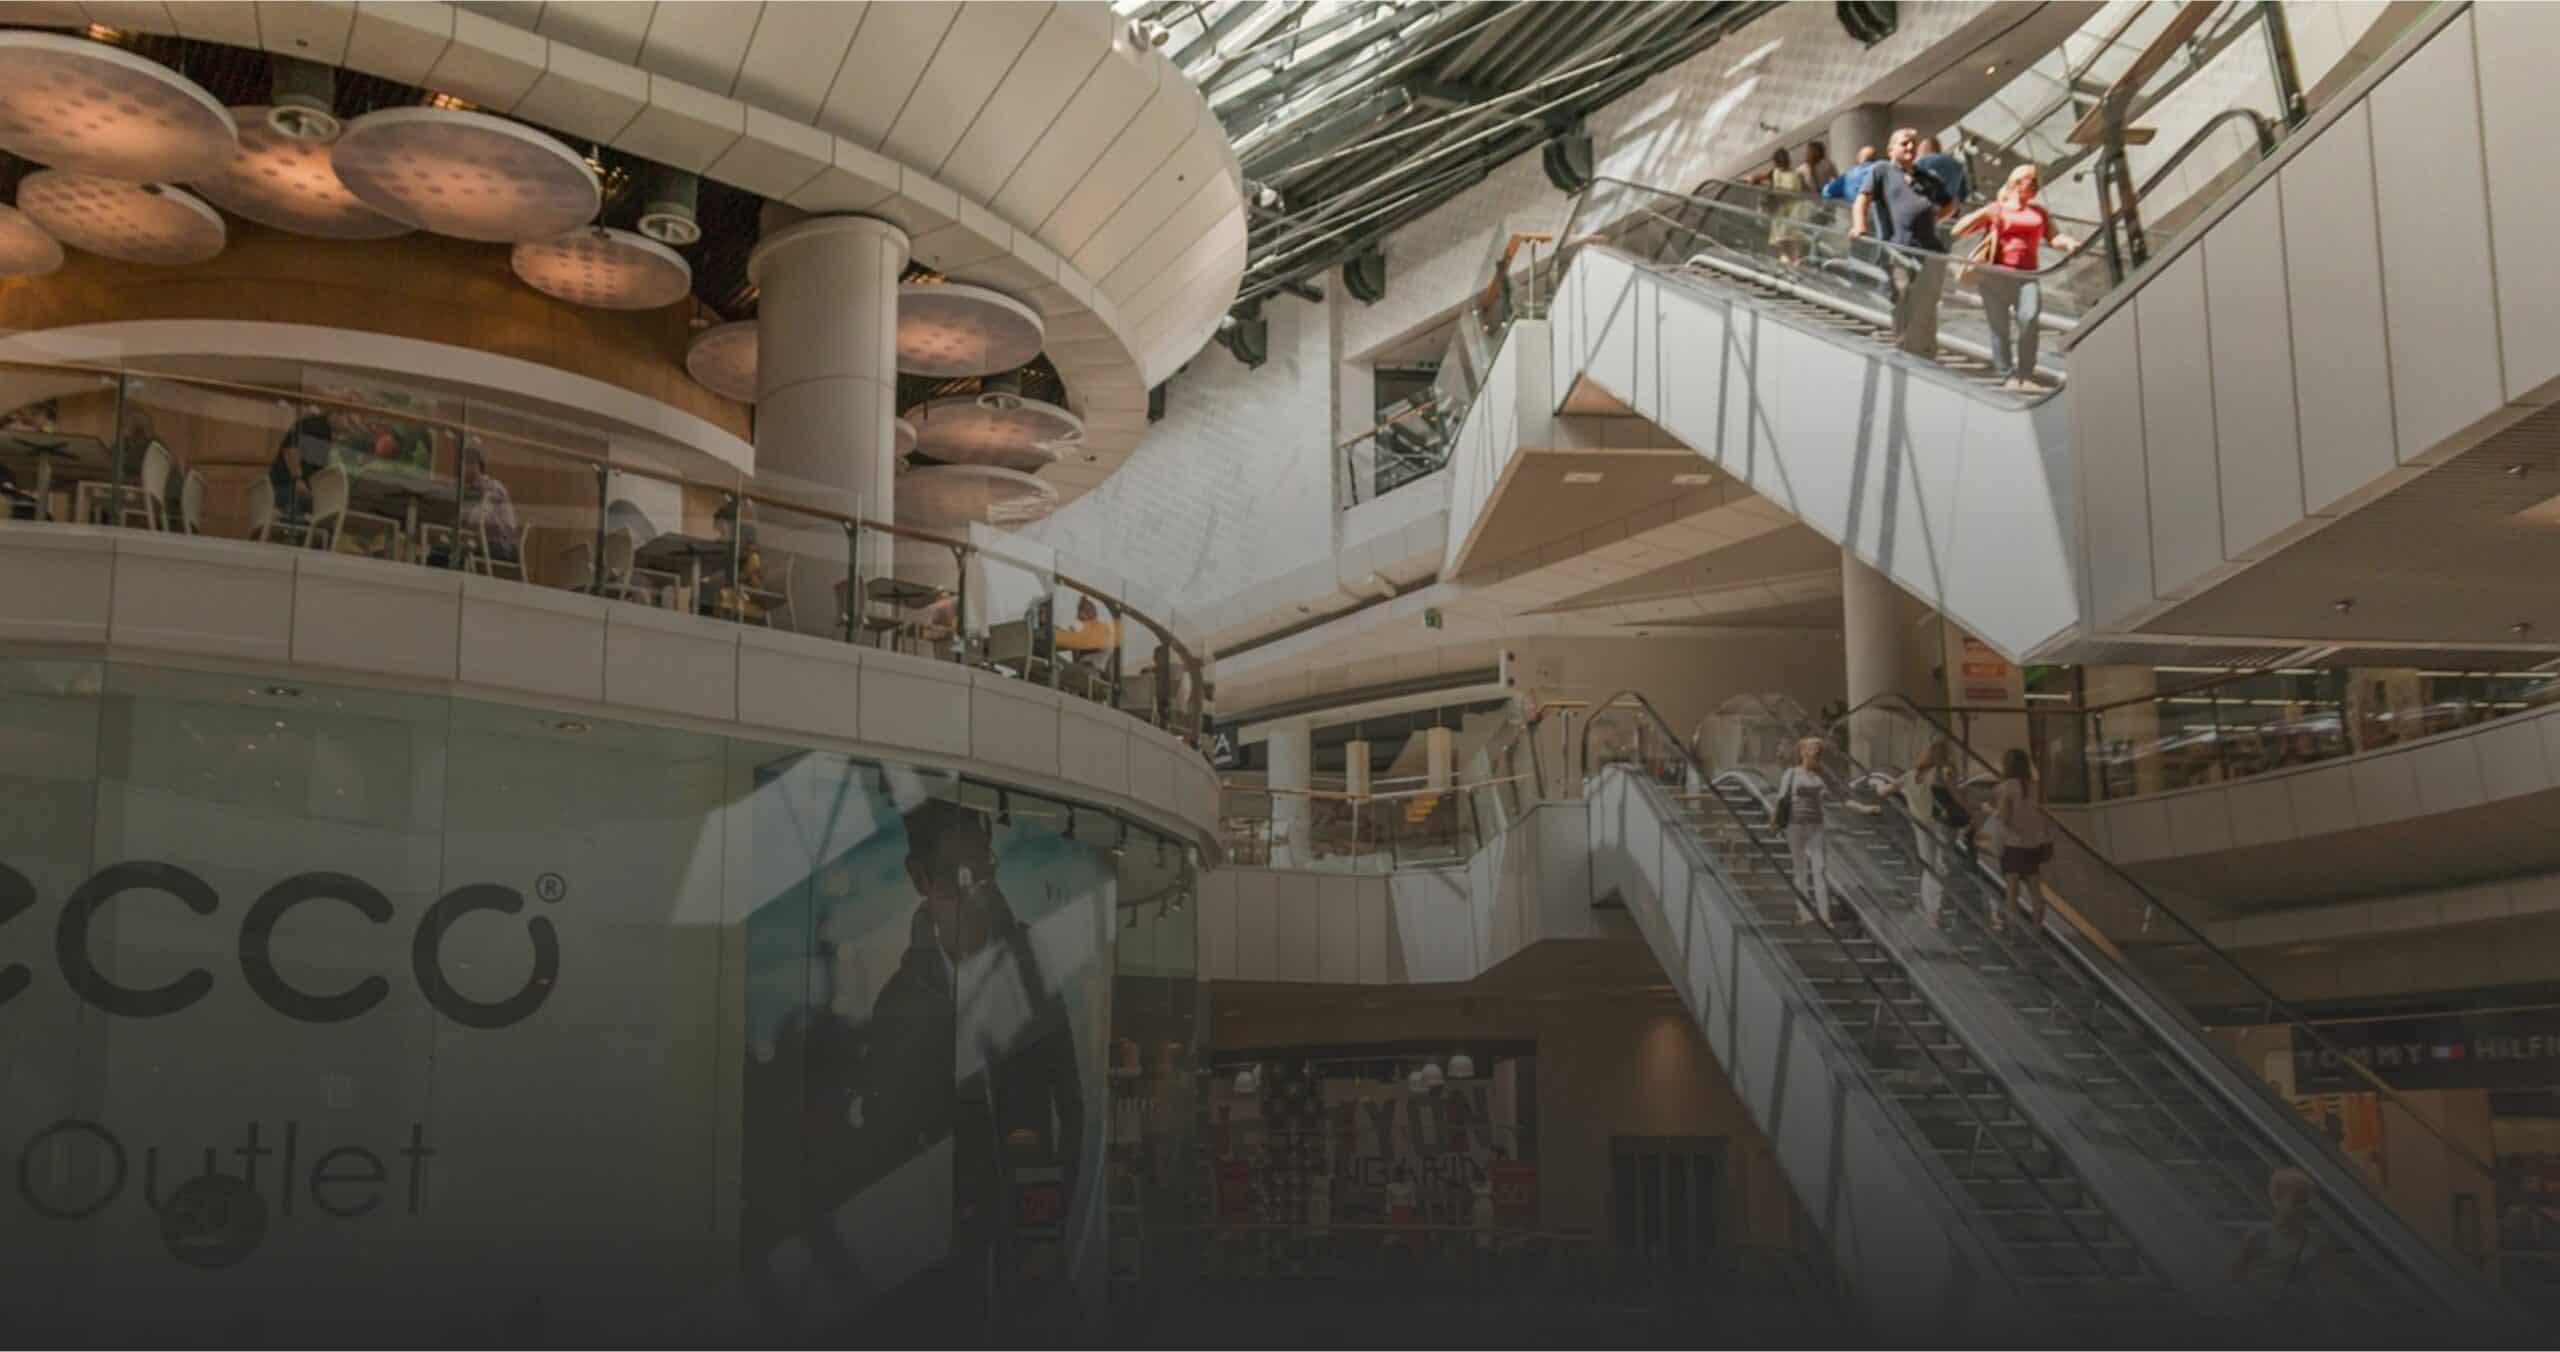 14 lutego odbyła się ewakuacja galerii handlowych w całej Polsce, po tym jak otrzymano maila z informacją w jakim centrum handlowym jest bomba.